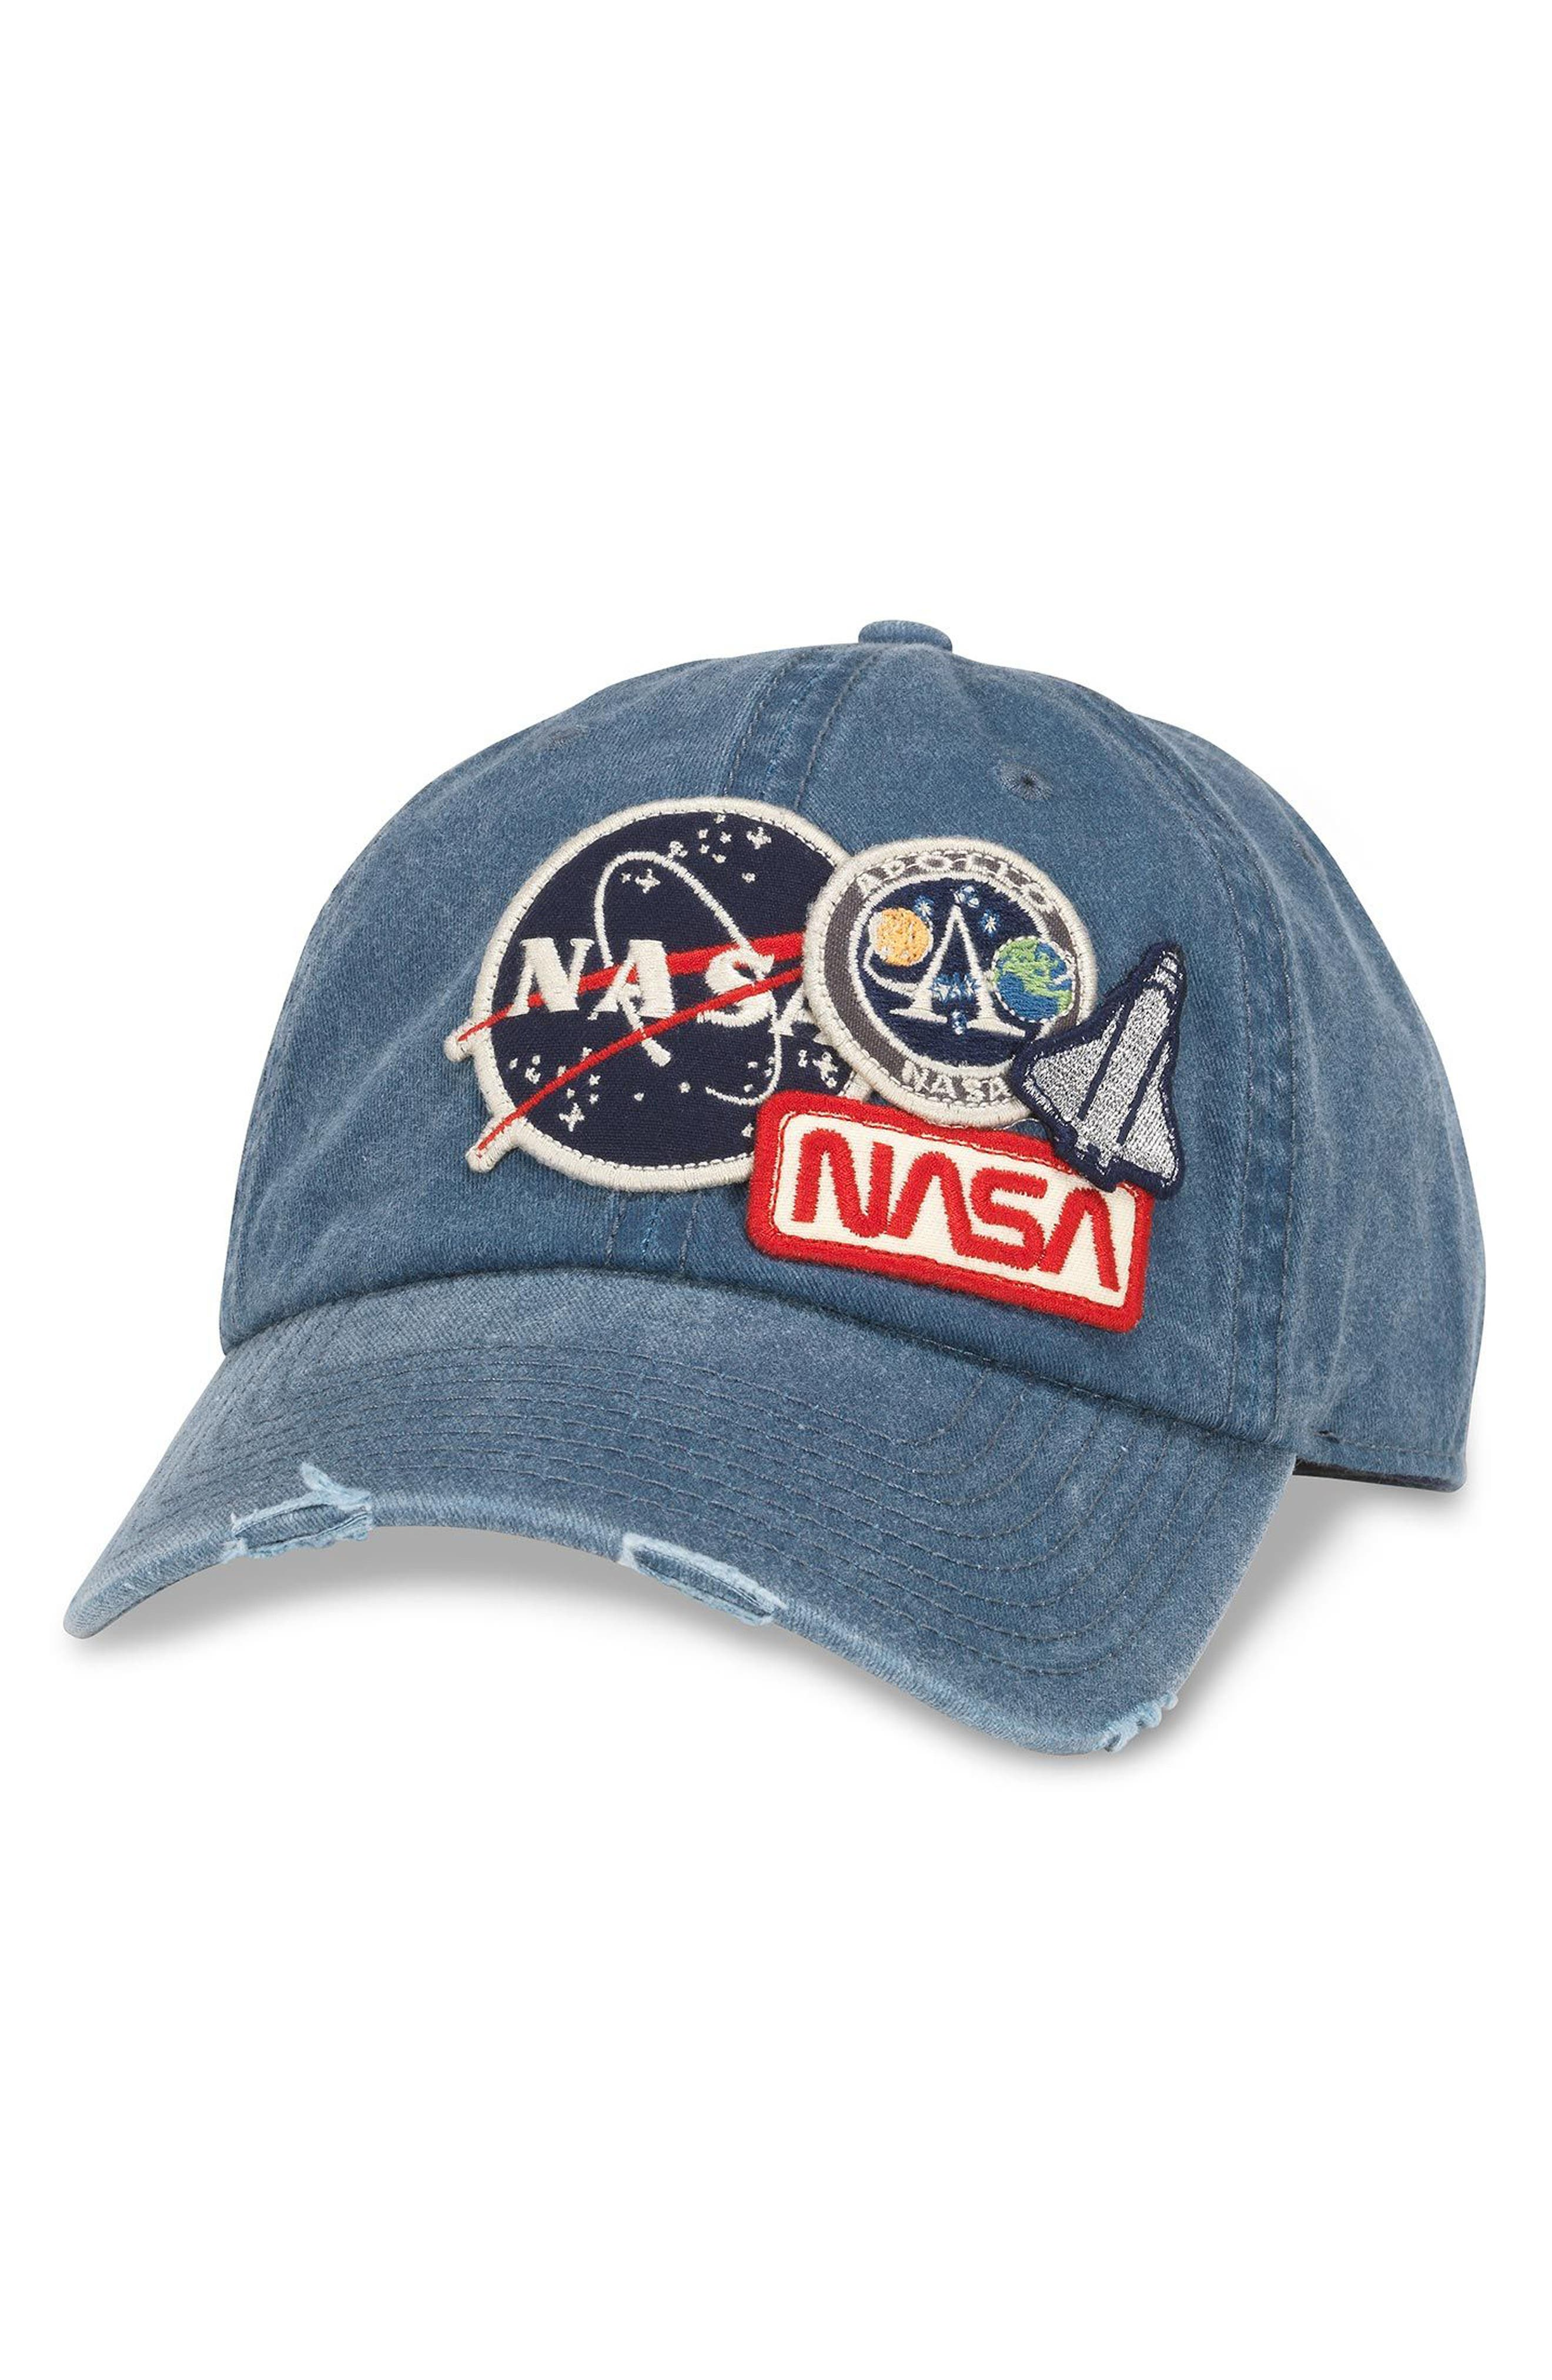 Iconic - NASA Ball Cap,                             Main thumbnail 1, color,                             Navy